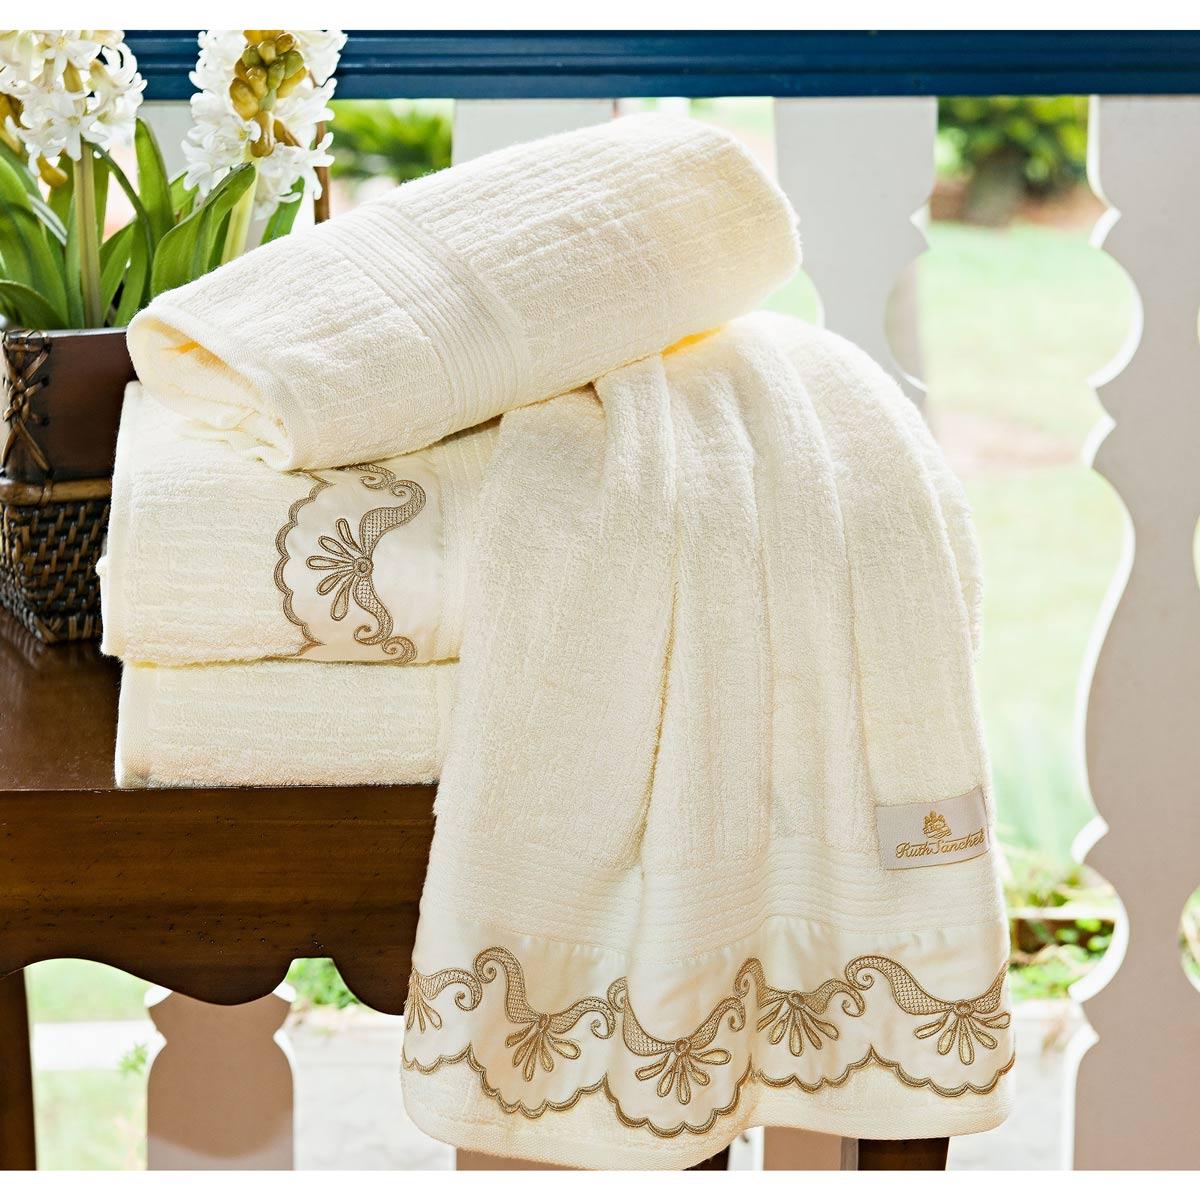 Toalhas de Banho Gigante C´ Doró cor Palha com 5 peças